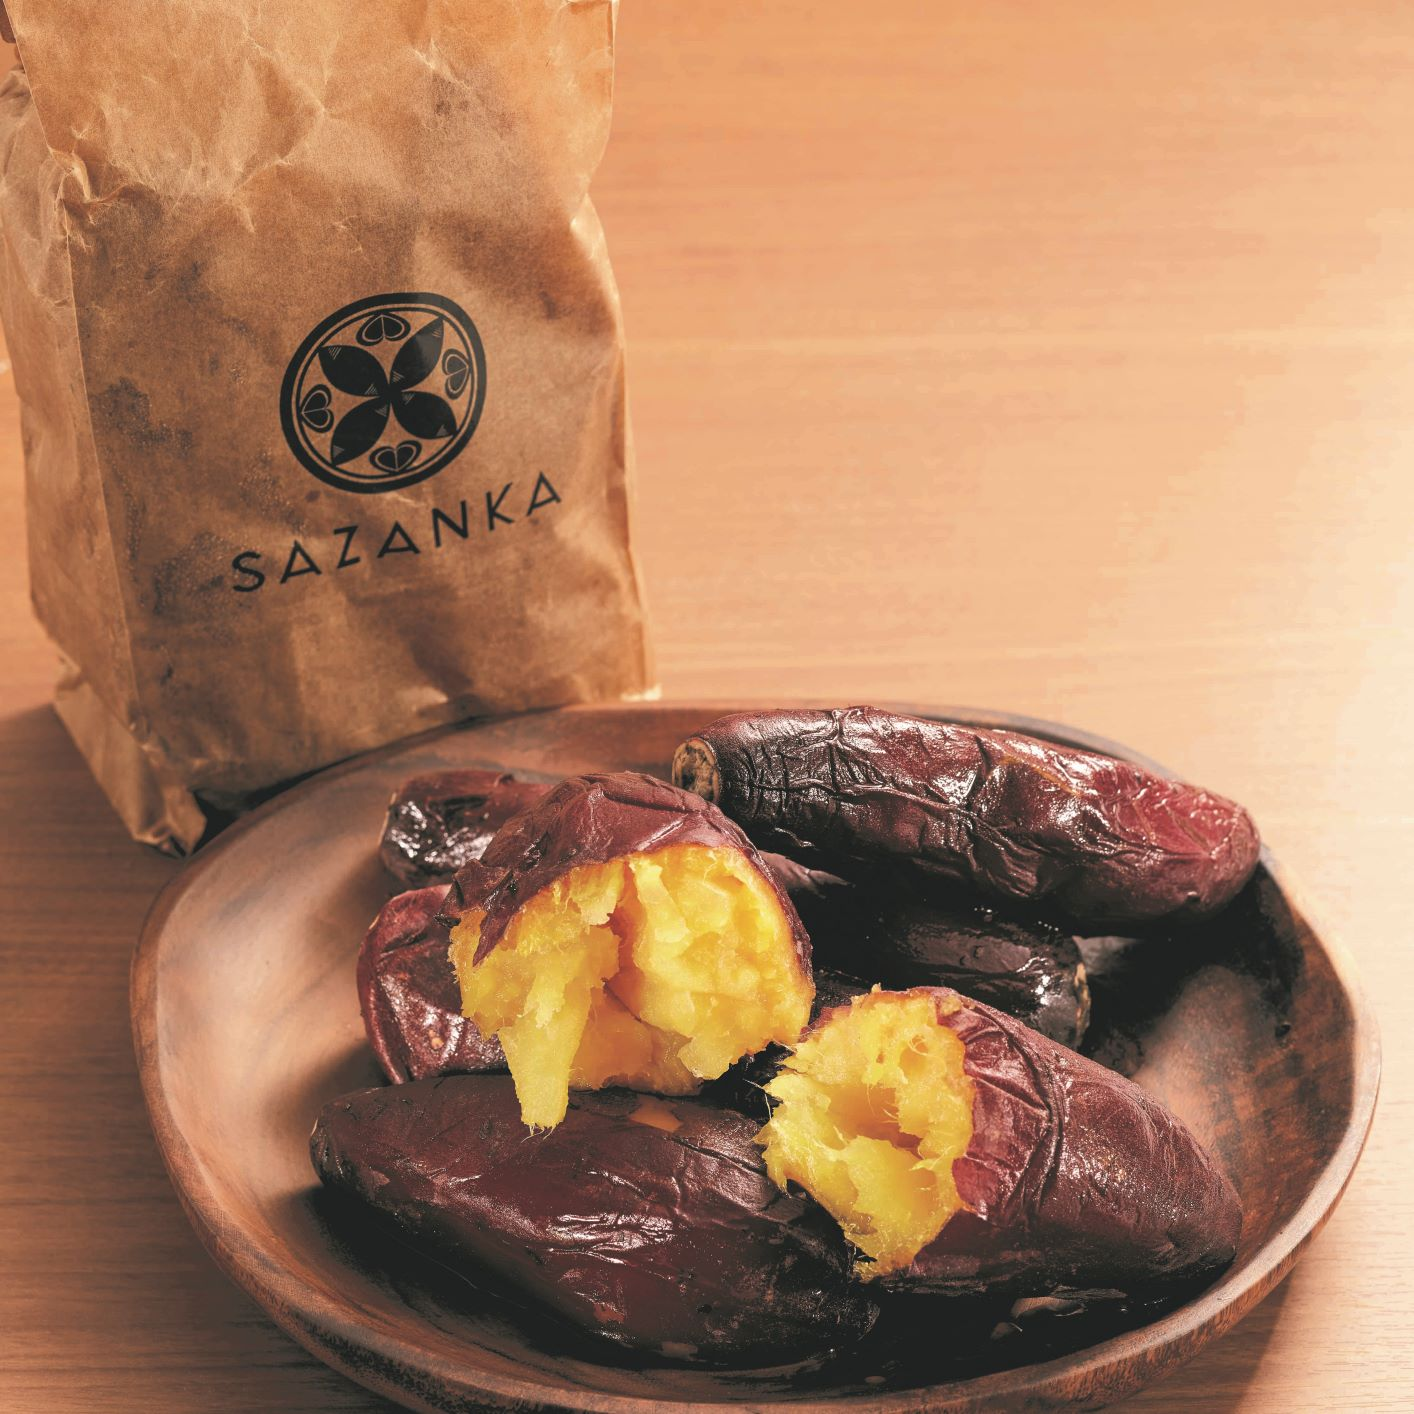 熟成焼き芋(2キロ)(日・SAZANKA)(週刊新潮DM紹介)